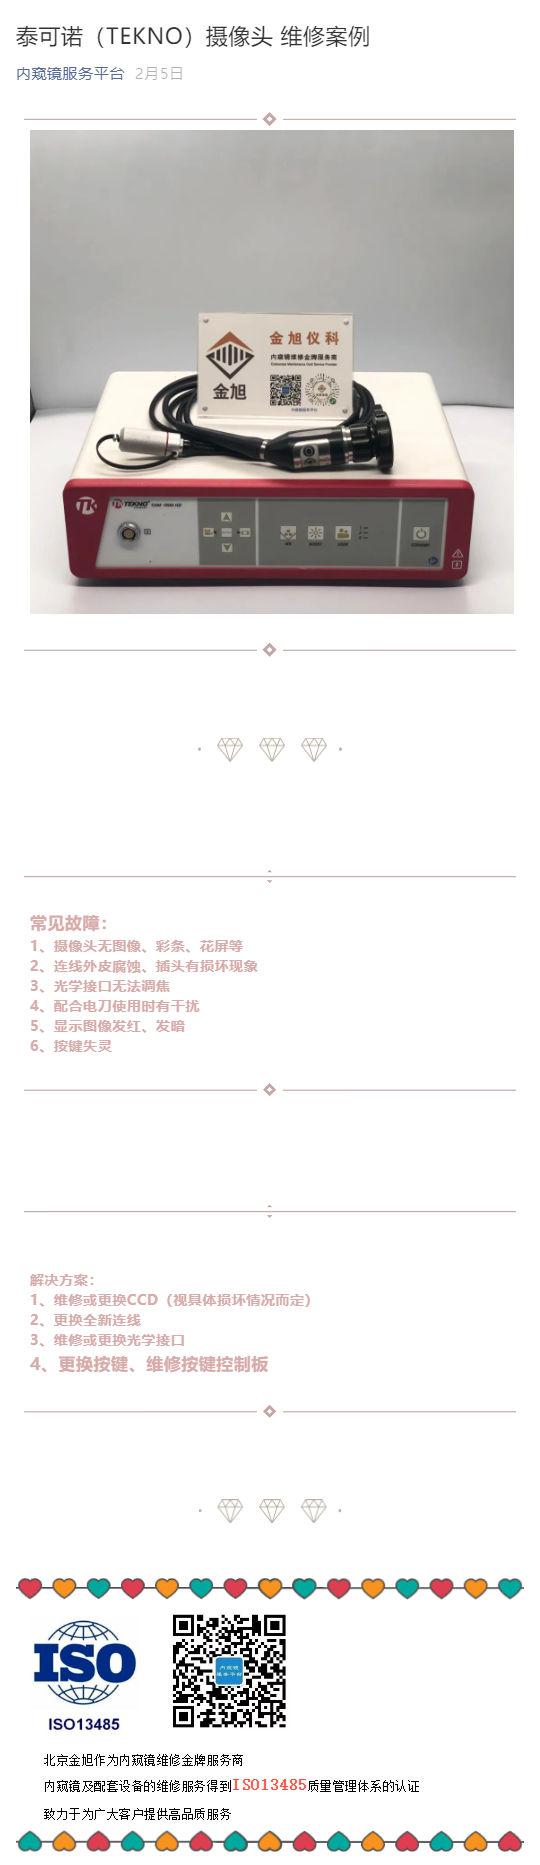 泰可诺(TEKNO)摄像头 维修案例_壹伴长图1.jpg